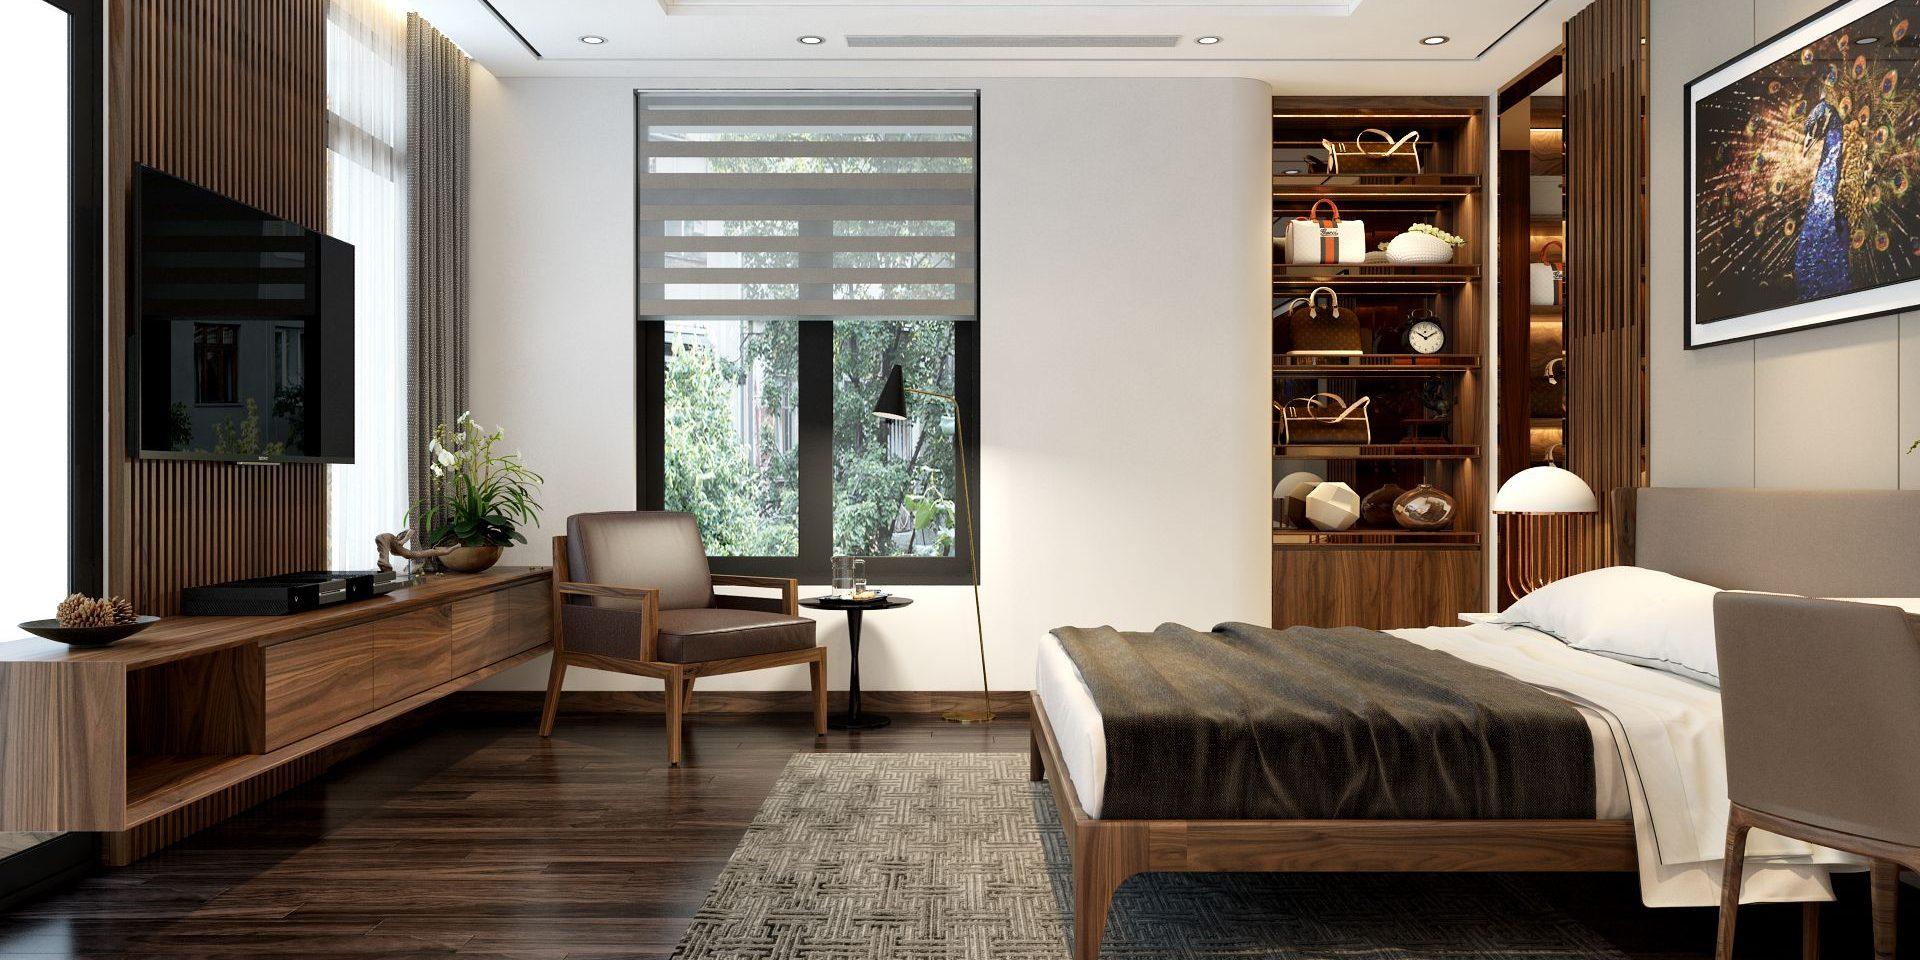 Ý tưởng thiết kế nội thất phòng ngủ diện tích 15m² với tổng chi phí 20 triệu đồng - Ảnh 9.